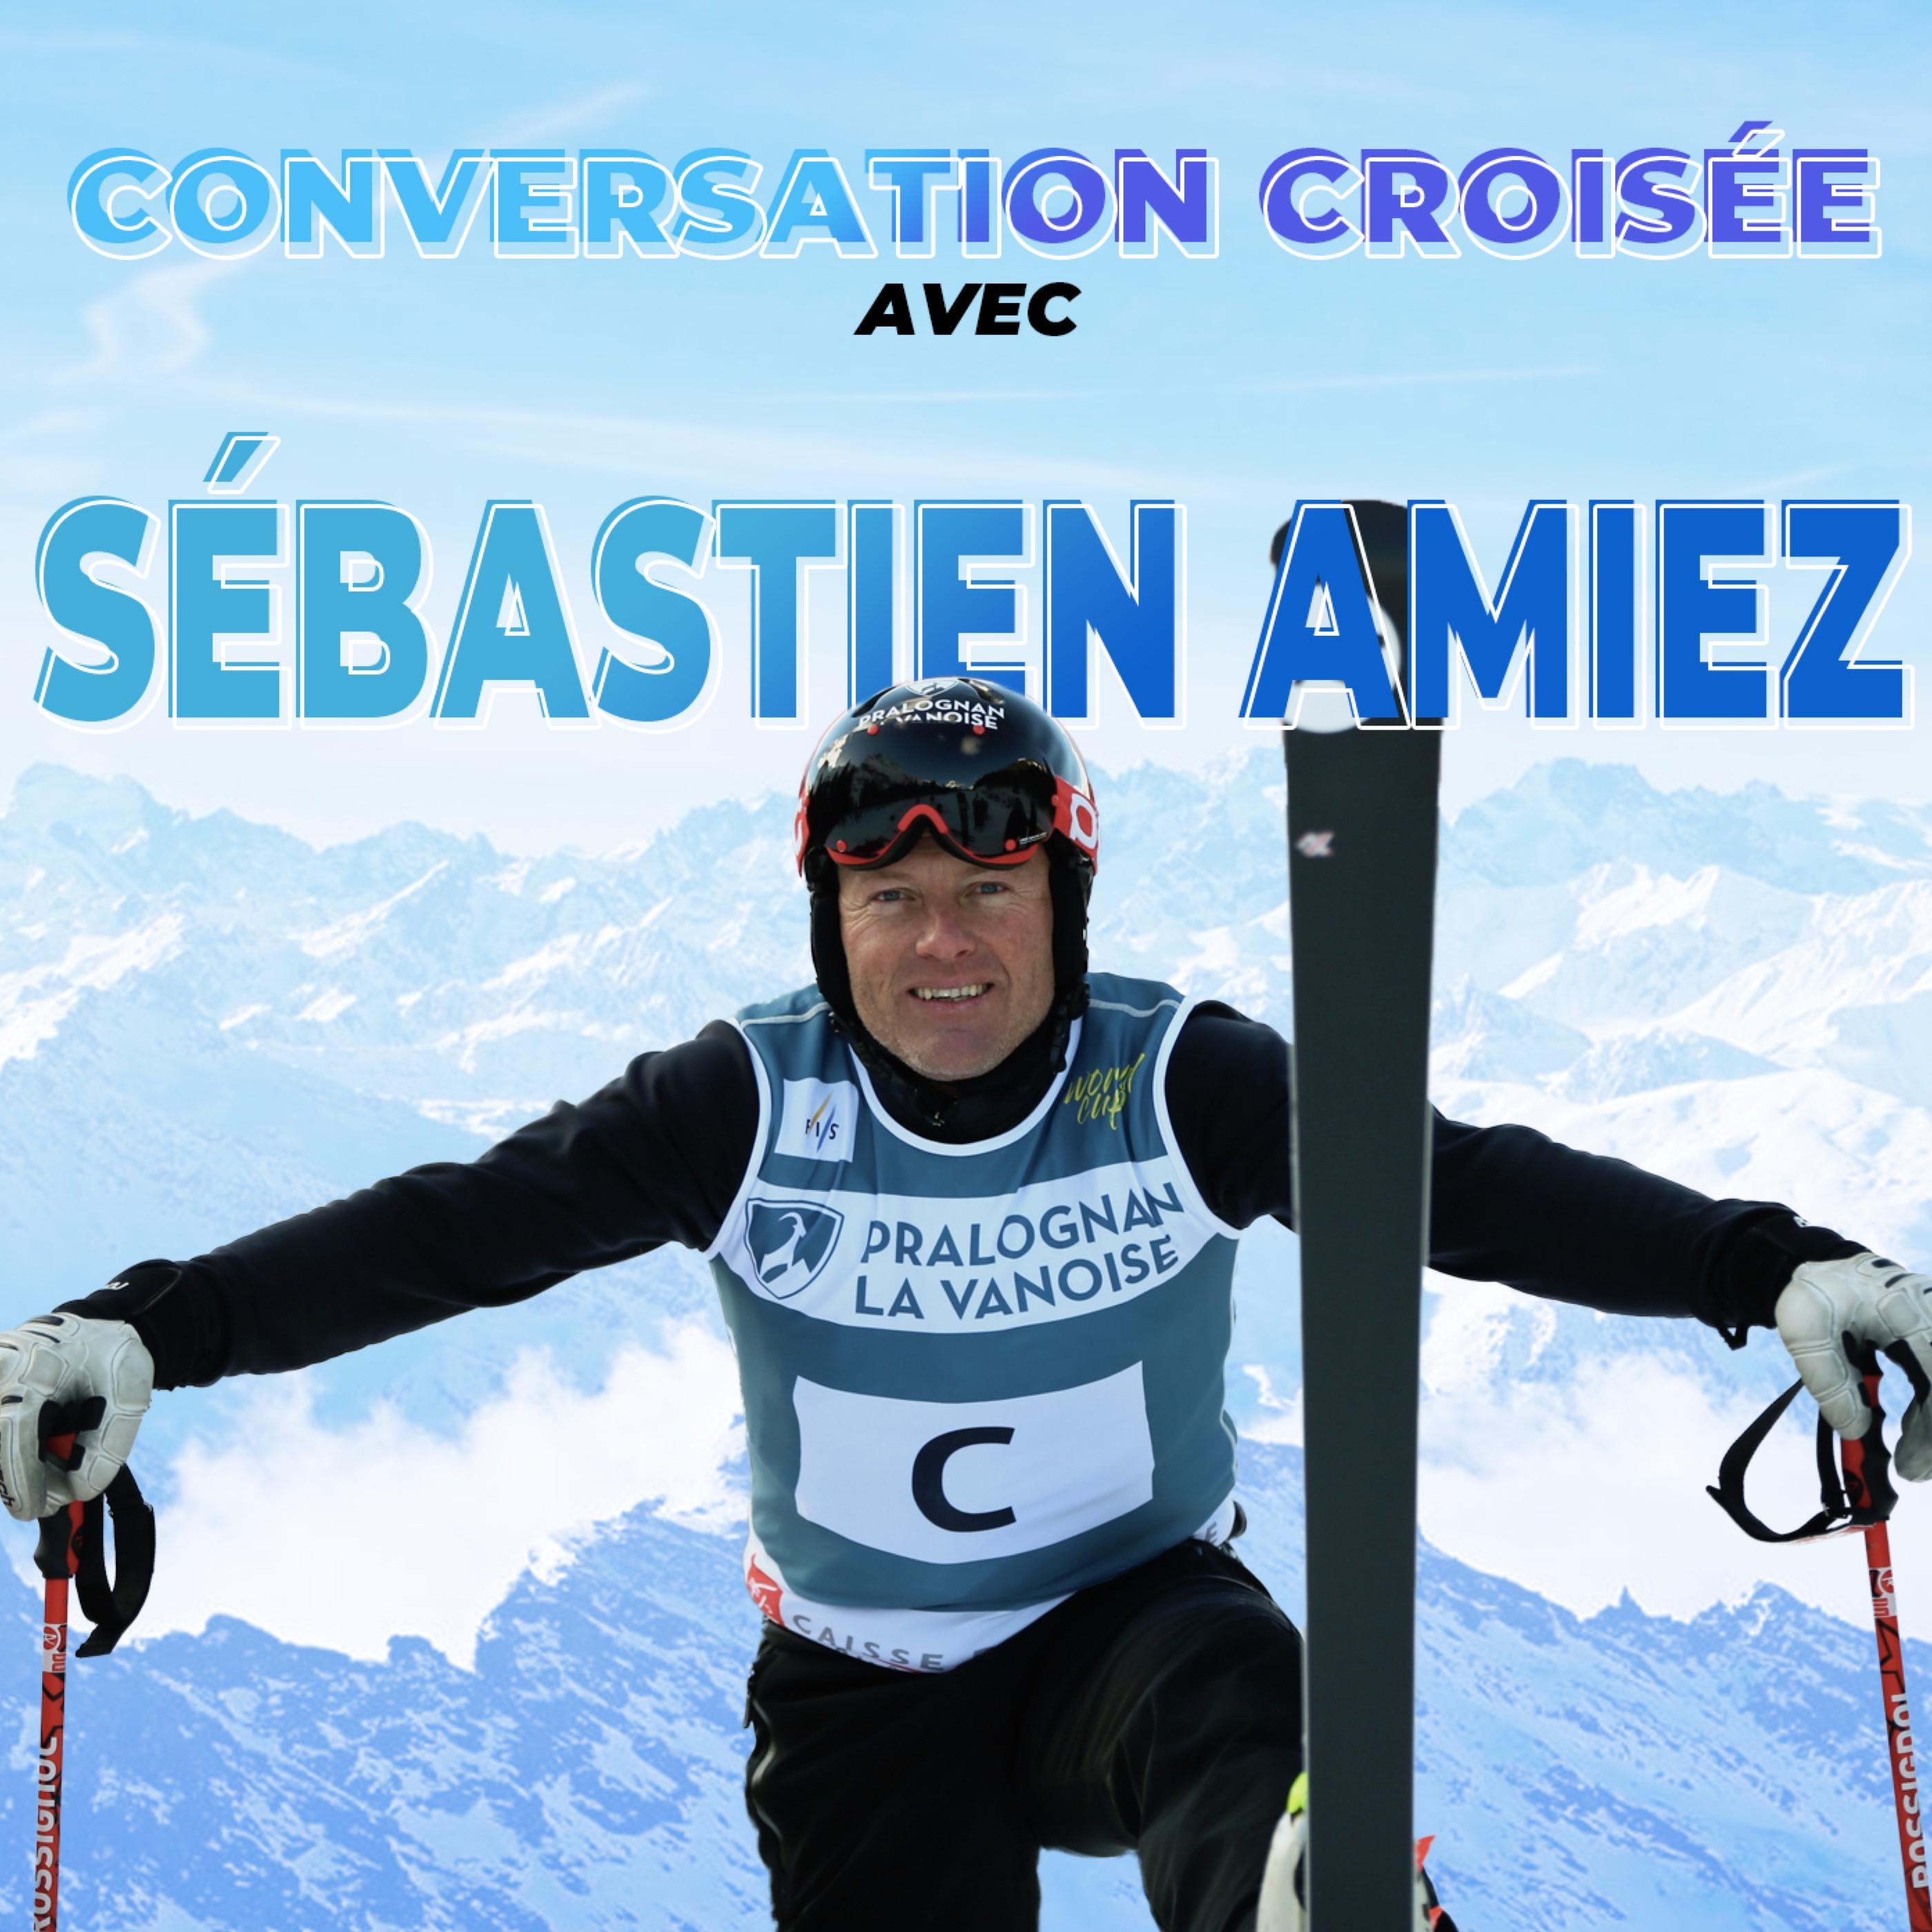 """#6 - Conversation croisée - Sébastien Amiez  """"Bastoune"""" Champion de Ski Olympique"""